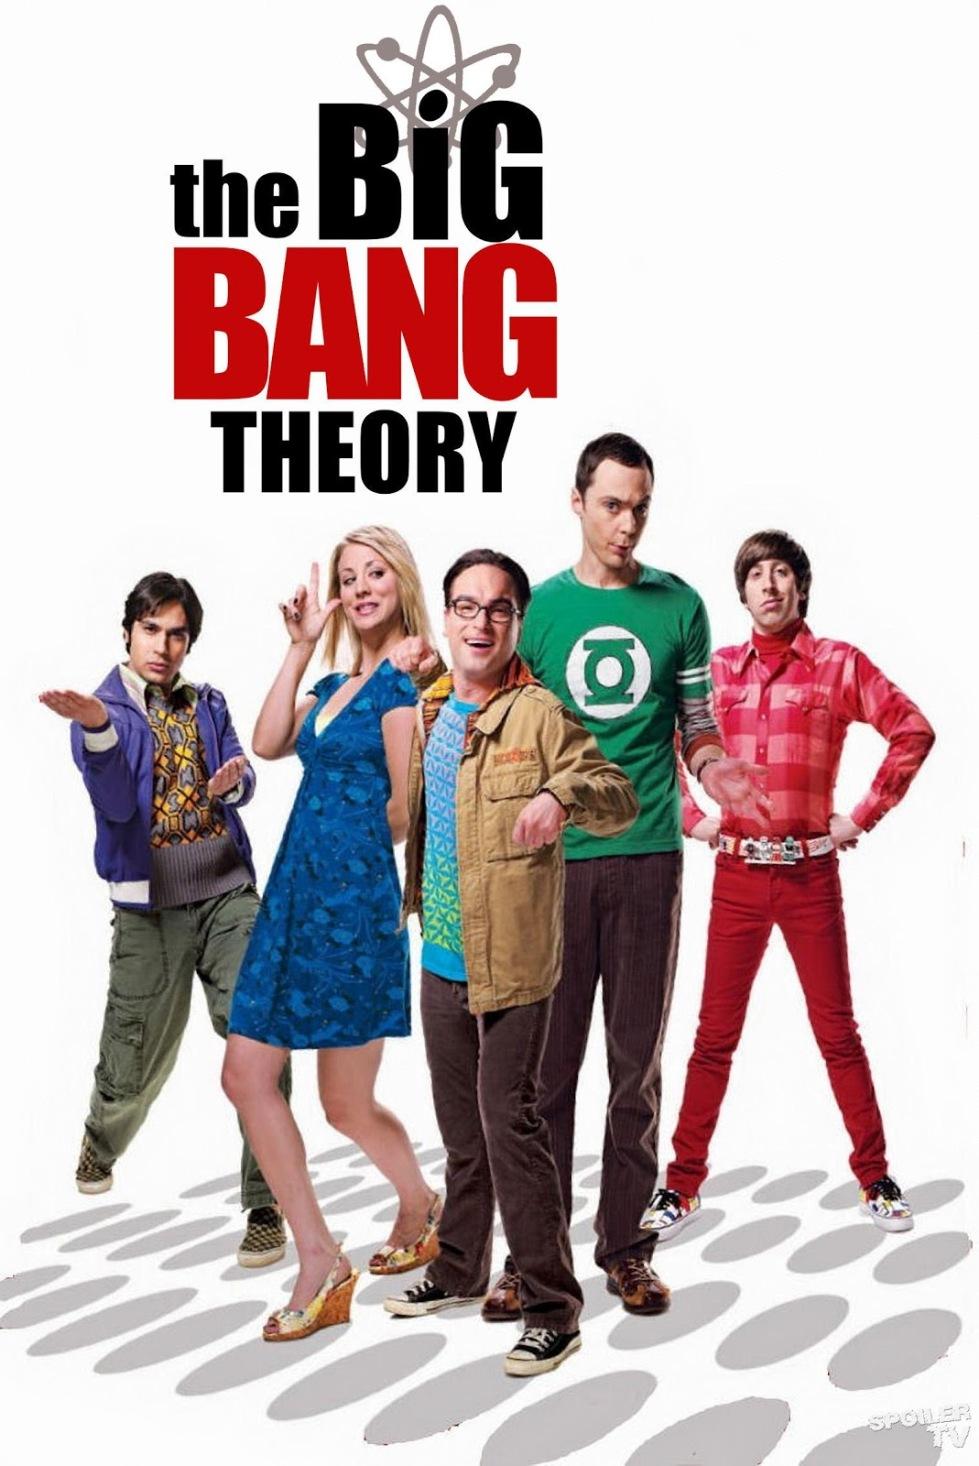 13e2d-big_bang_theory_poster11